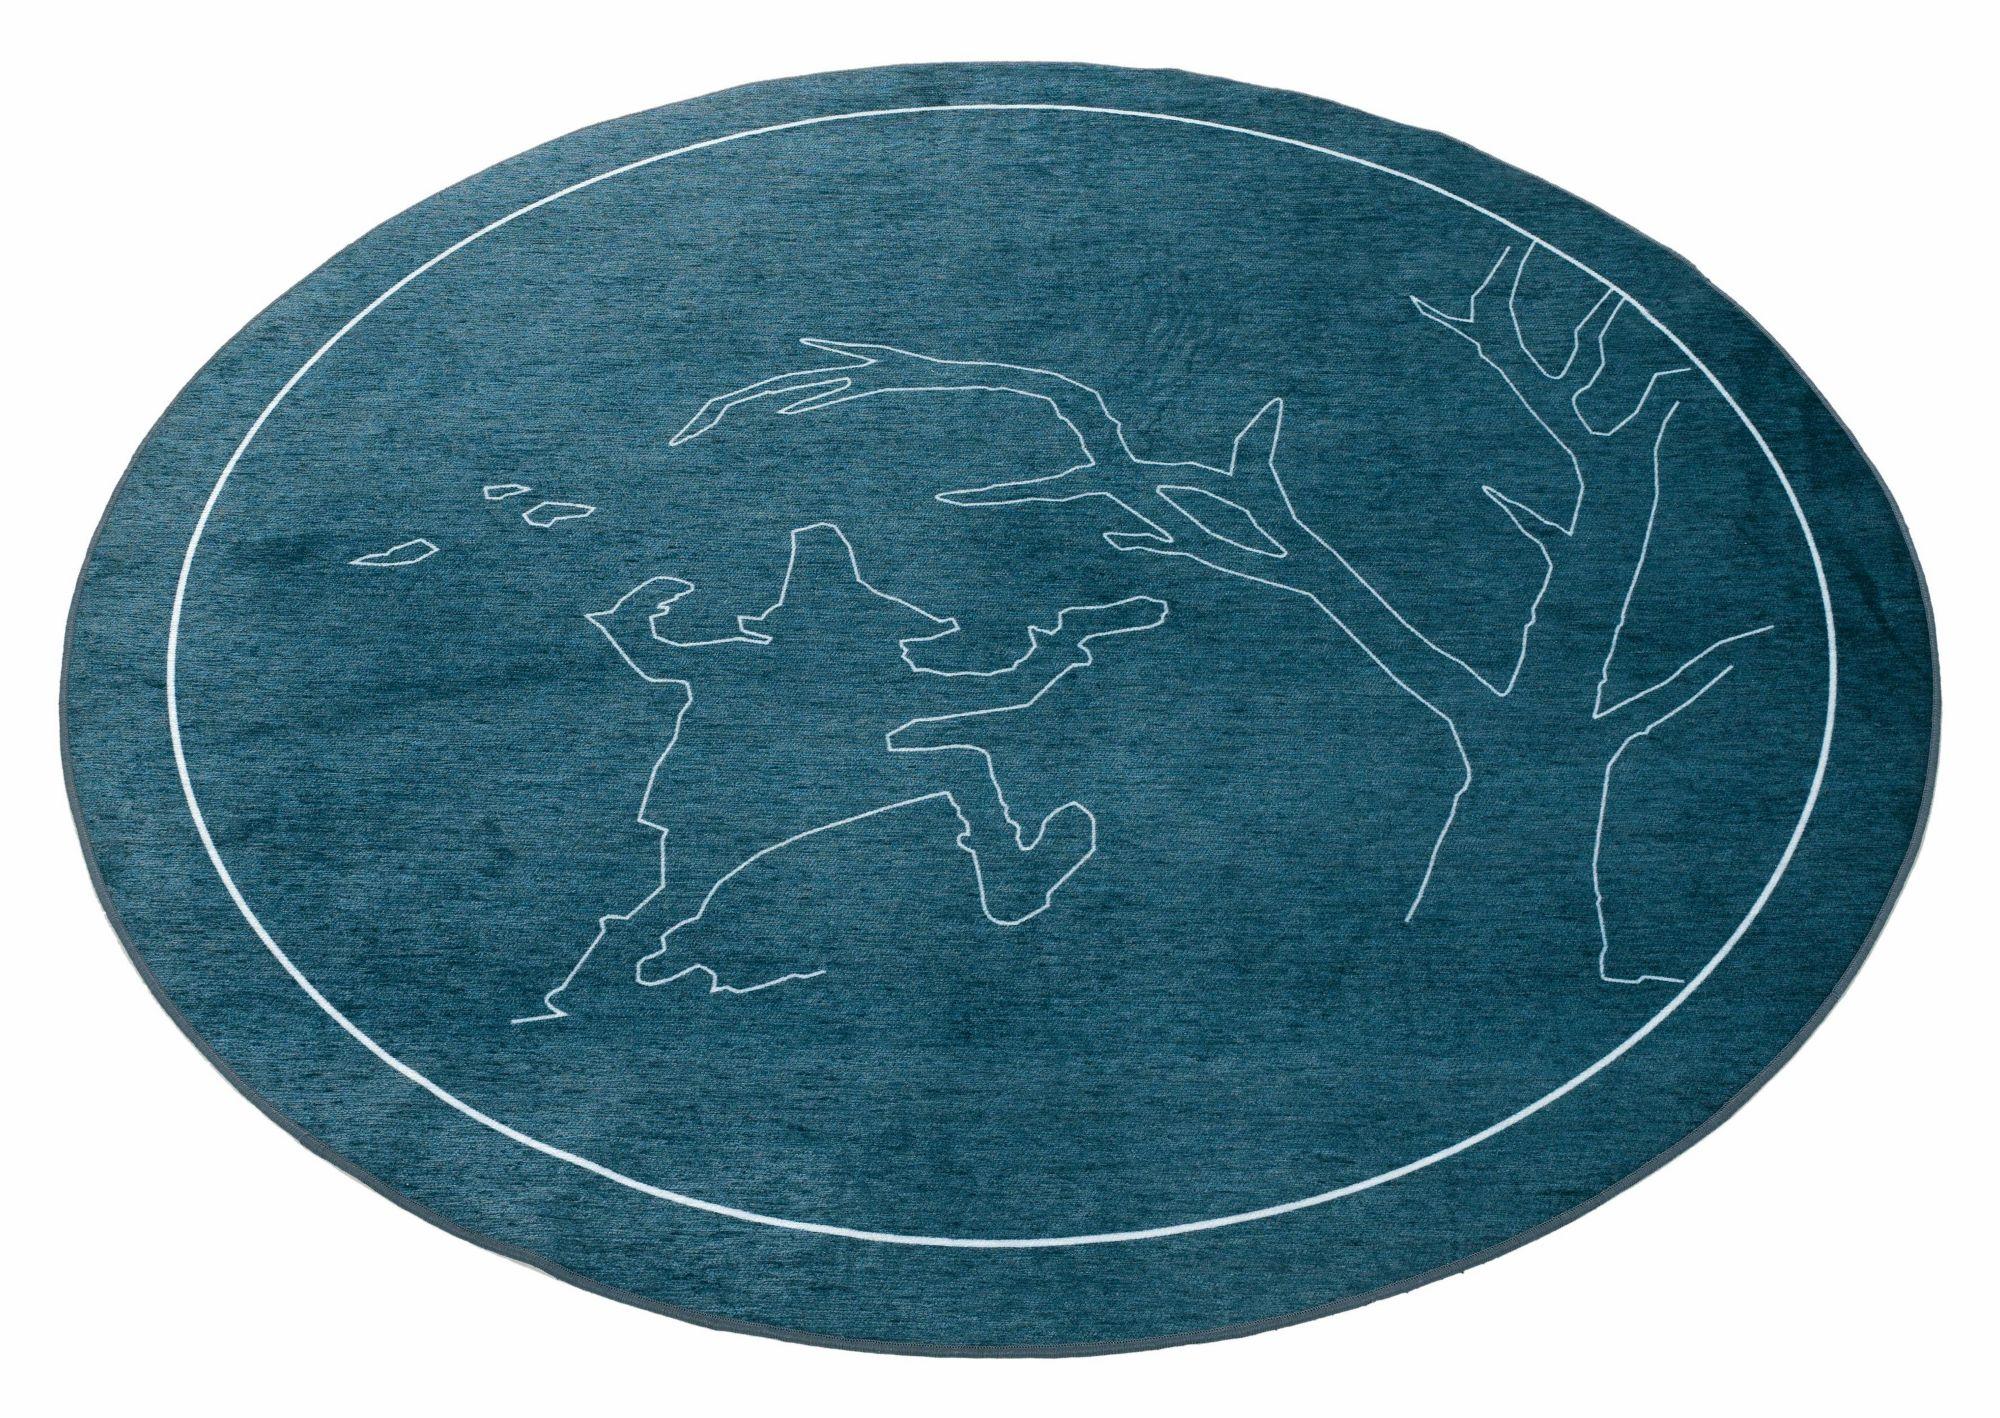 GRIMMLIIS Kinder-Teppich, rund, Grimmliis, »Märchen 4«, Höhe 2 mm,  Flachgewebe